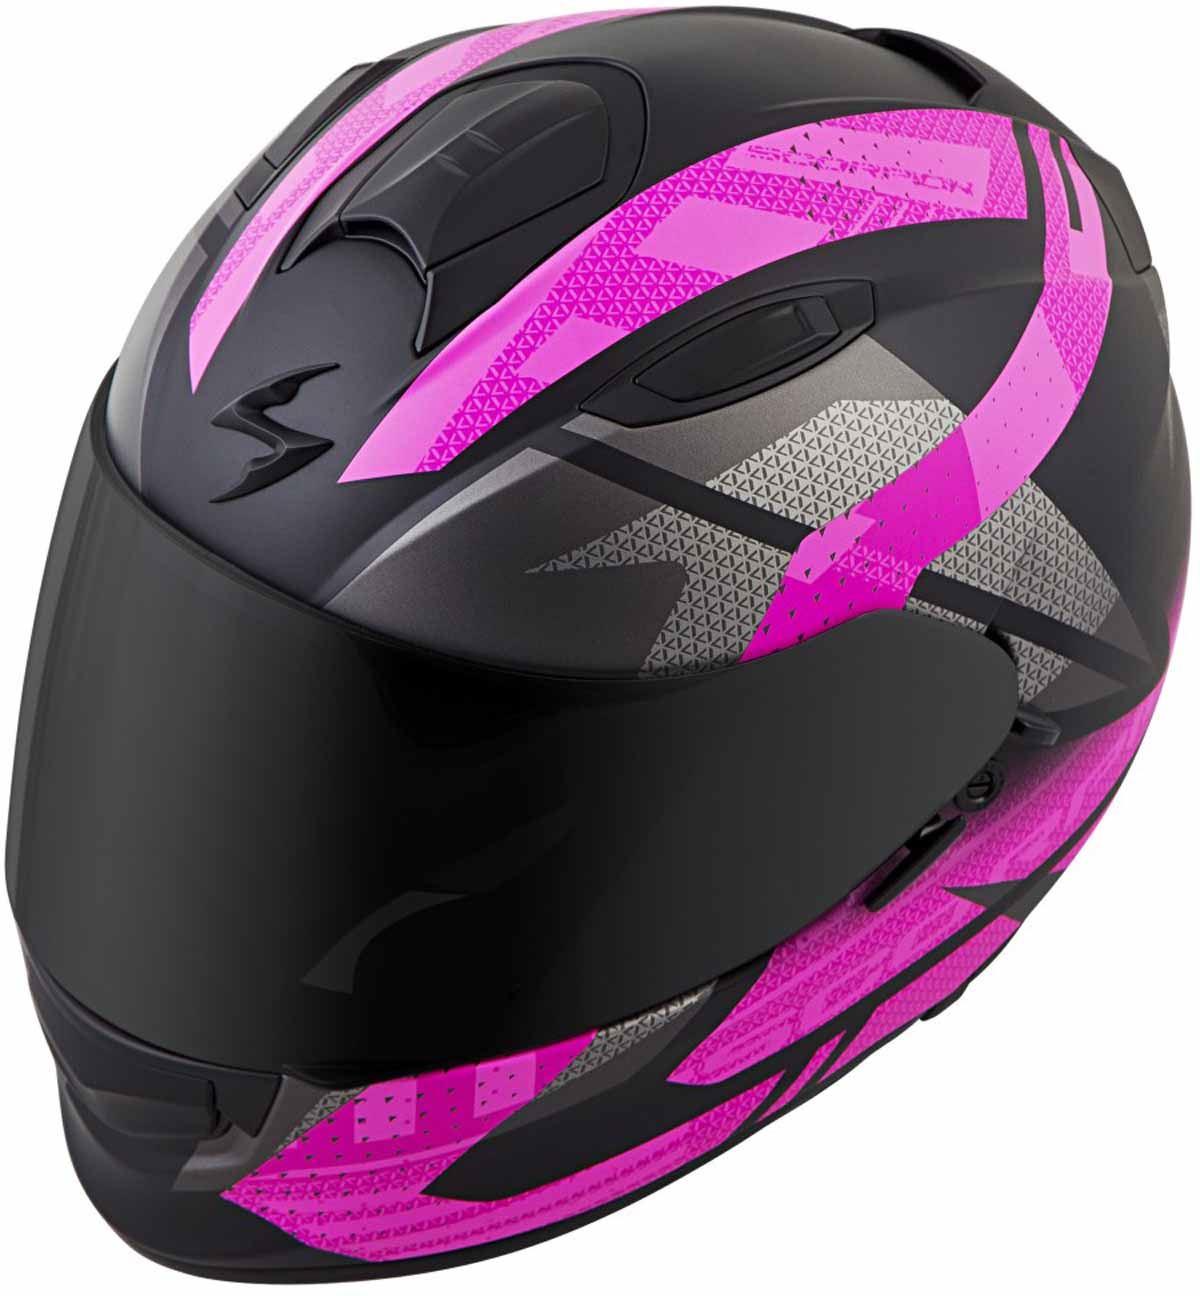 Scorpion-EXO-T510-Helmet-Full-Face-DOT-Approved-Inner-Sun-Shield miniature 84